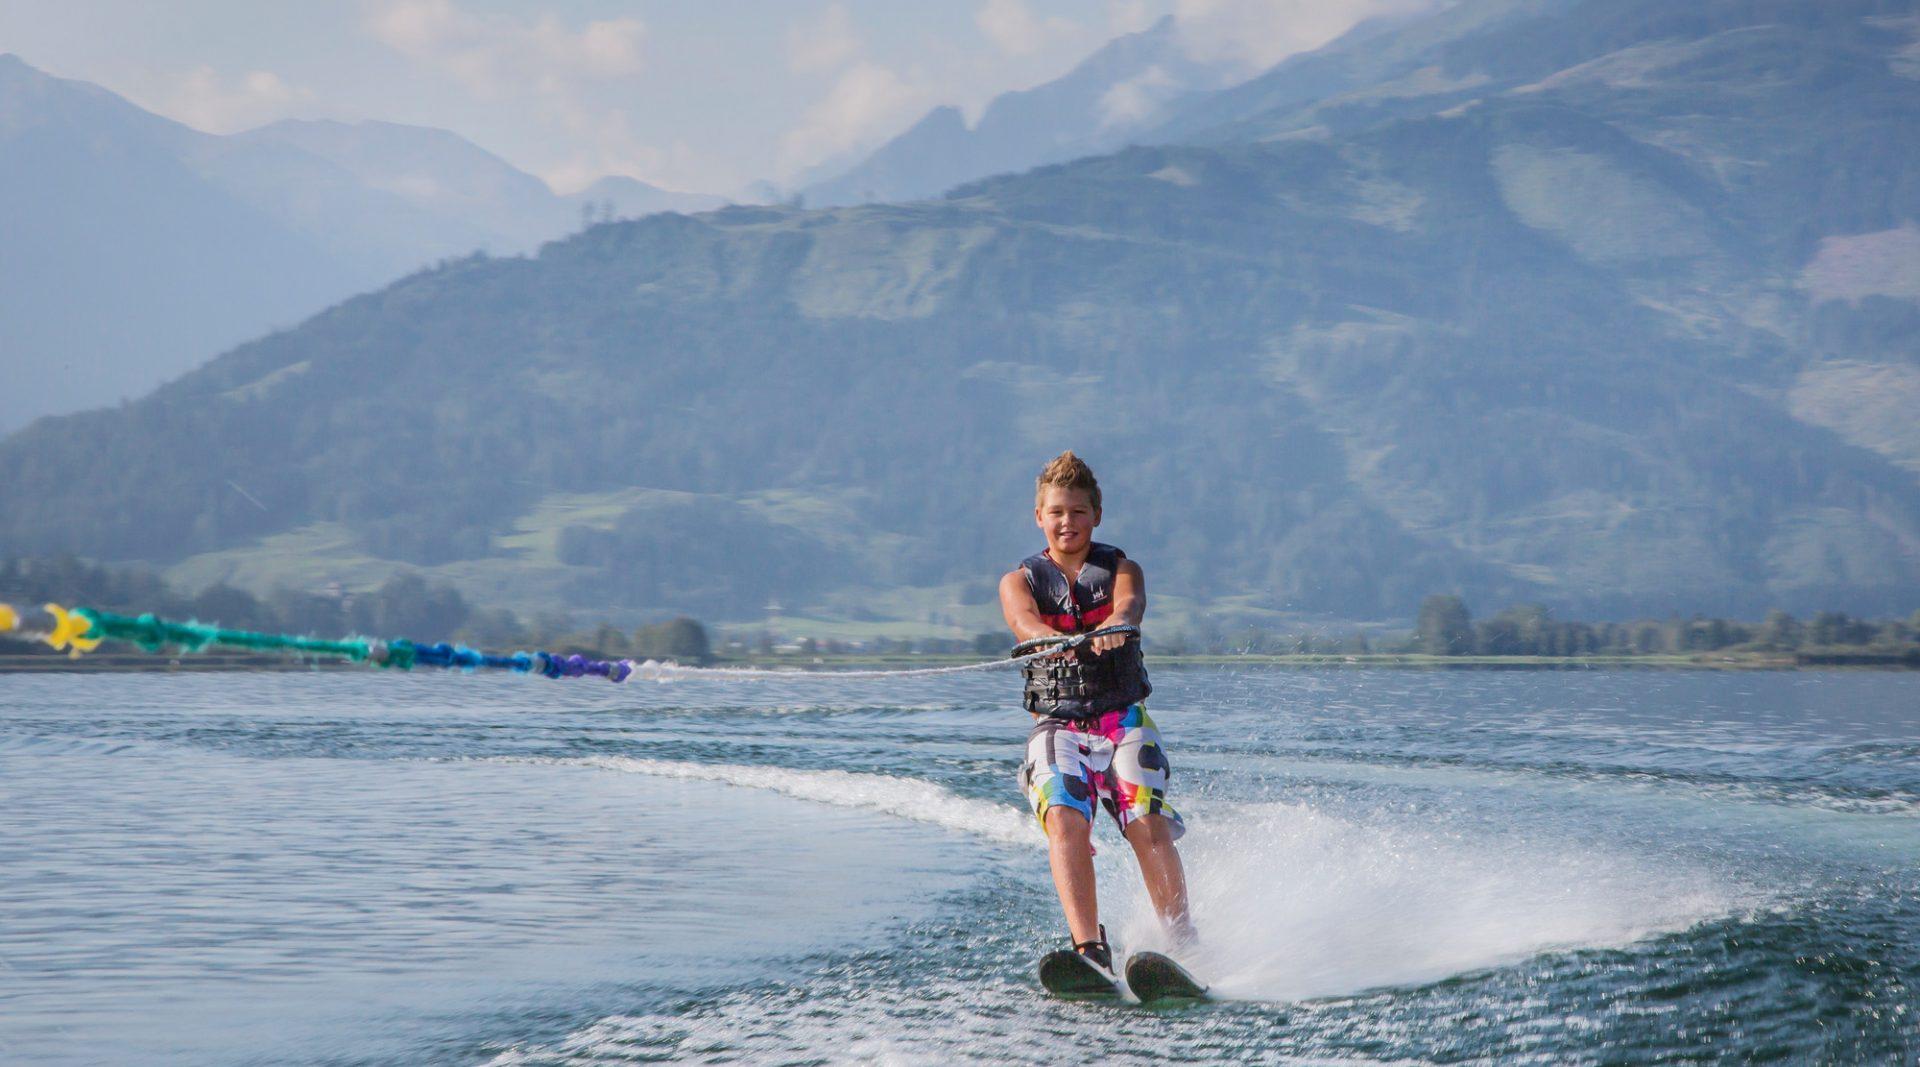 © SalzburgerLand Tourismus, Eva-Maria Repolusk - An einem herrlichen Sommertag gibt es nichts Schöneres, als auf Wasserski die Seen unsicher zu machen